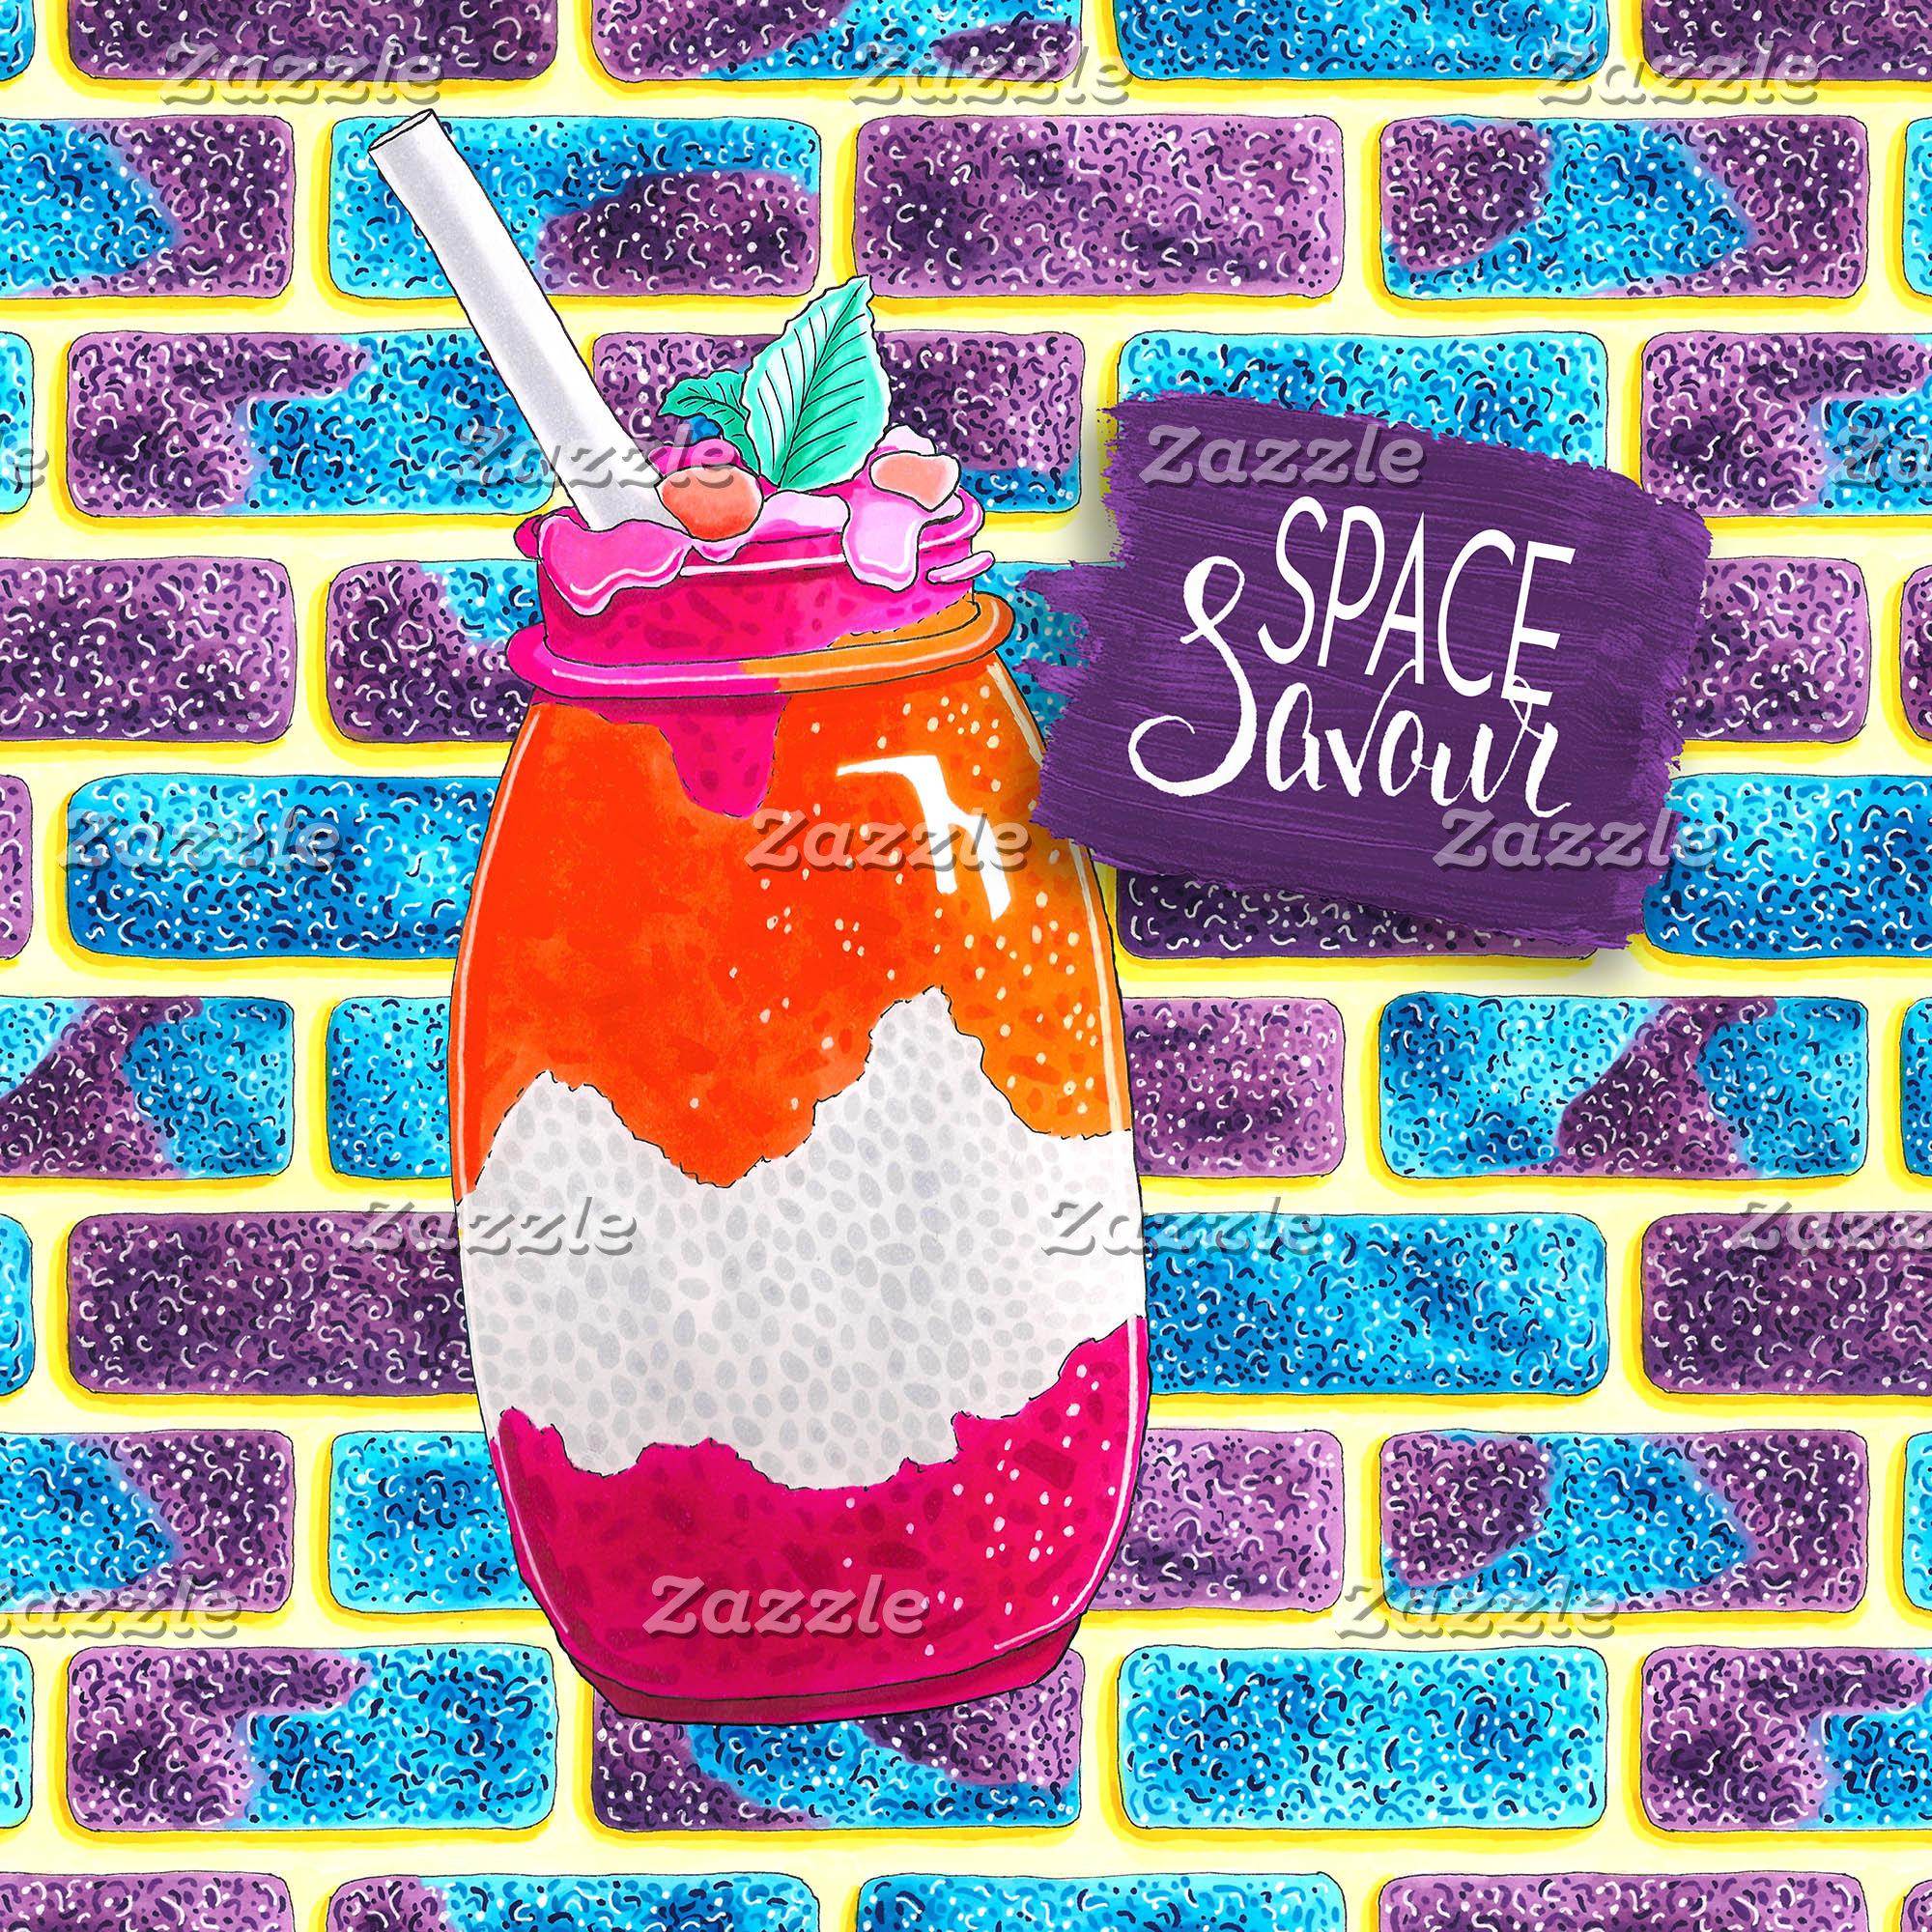 Space Savour